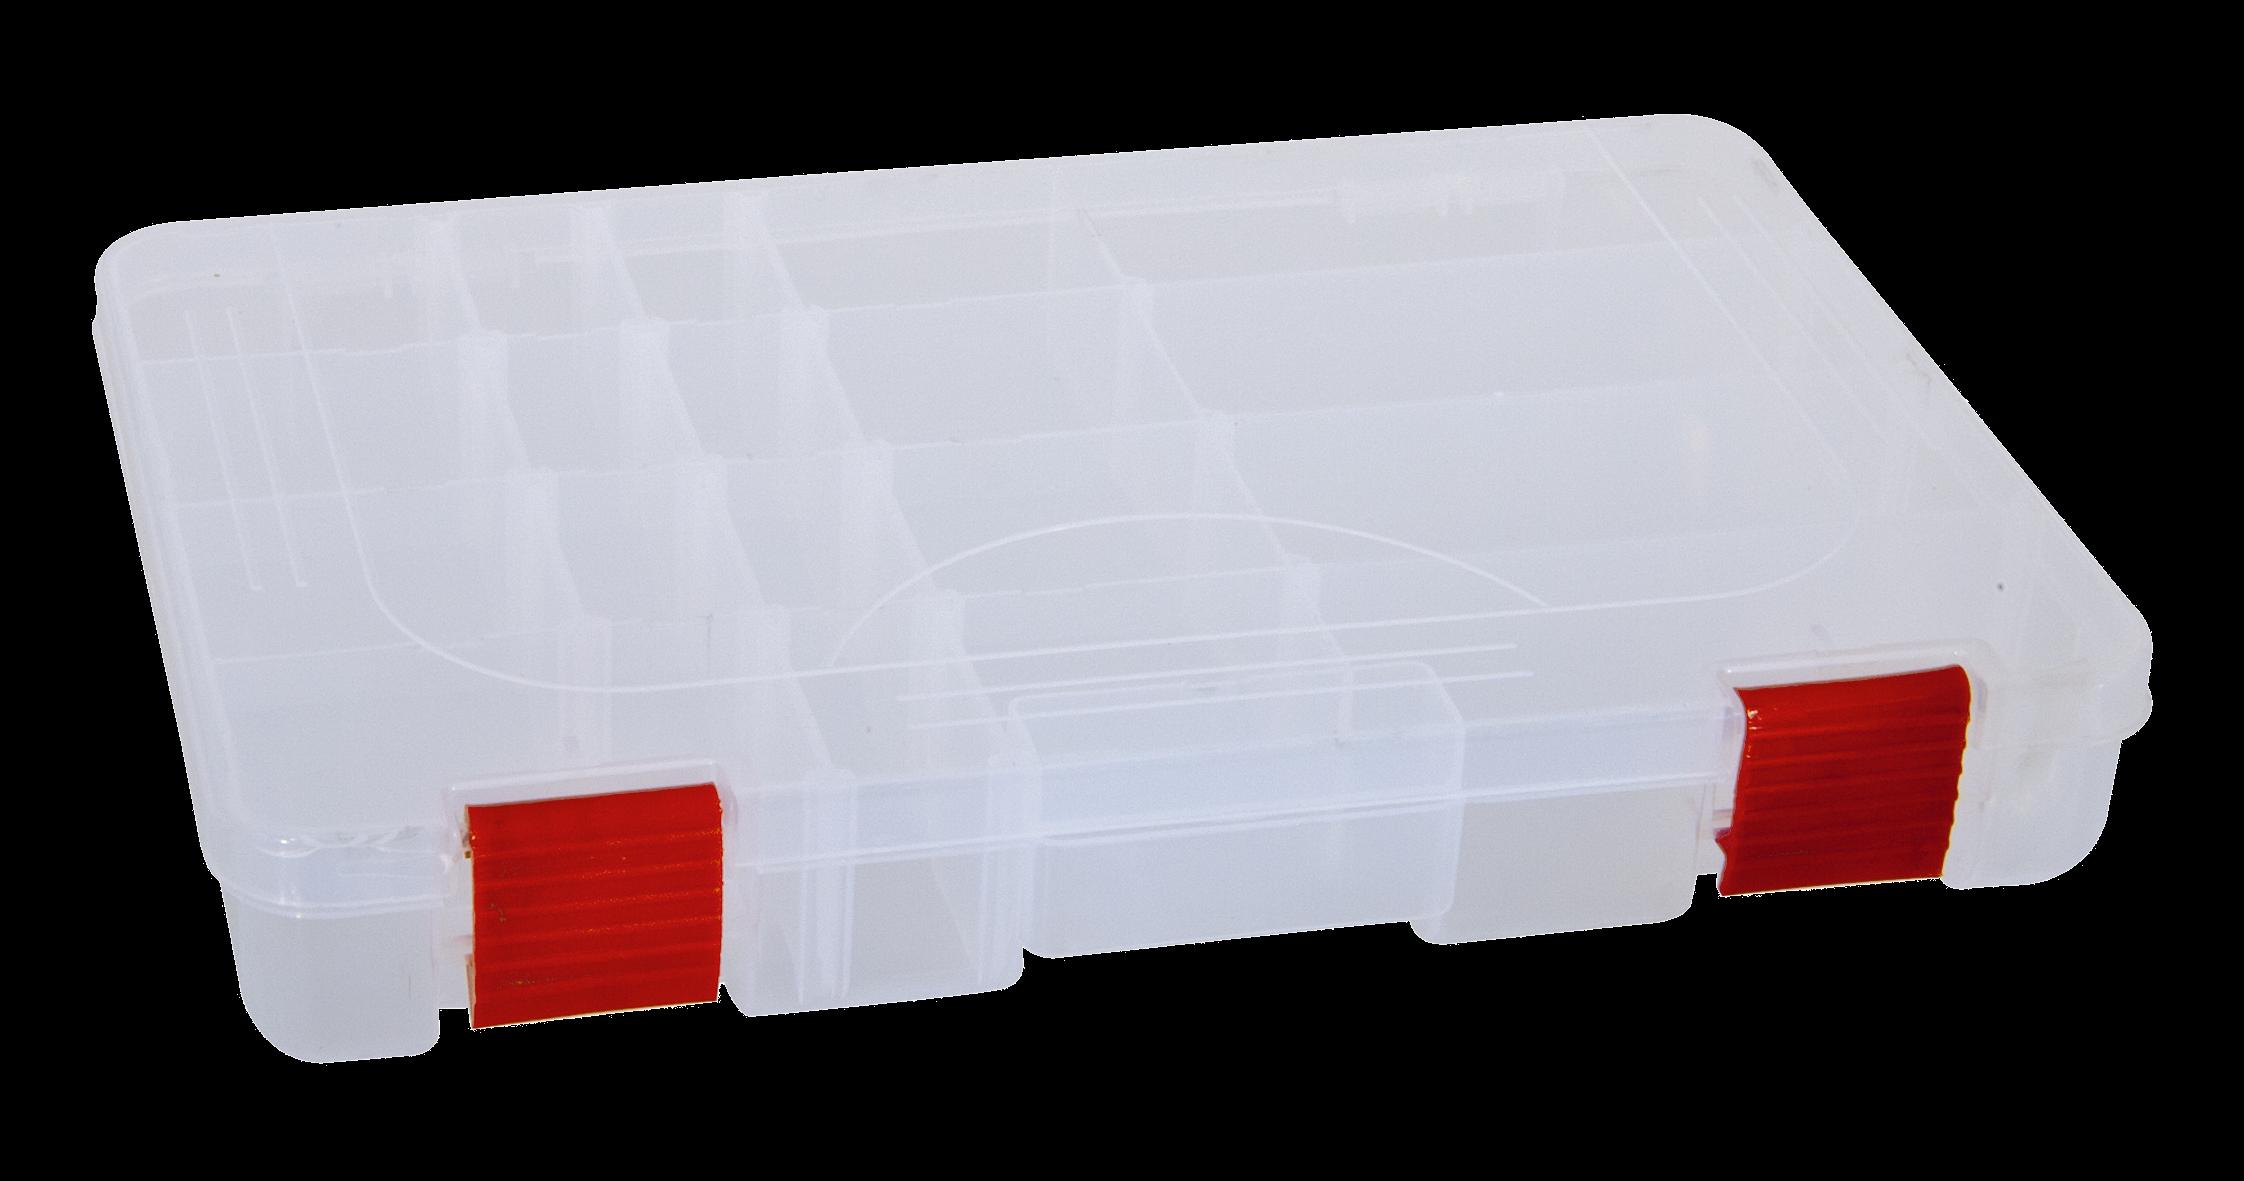 Zubehörbox 28x18x4,5cm